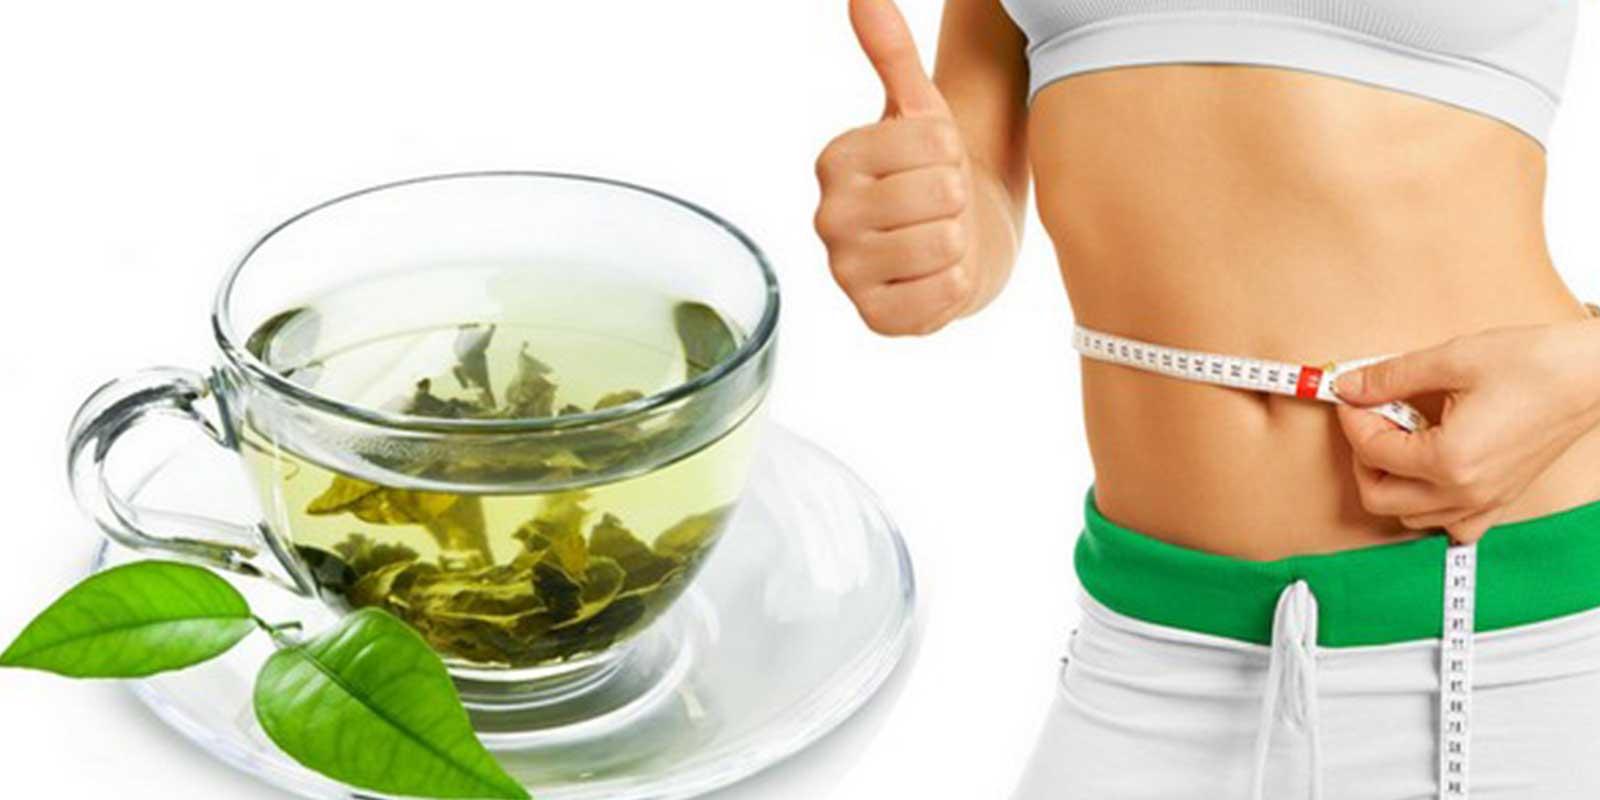 Как Сбросить Вес На Зеленом Чае. Как зеленый чай помогает похудеть